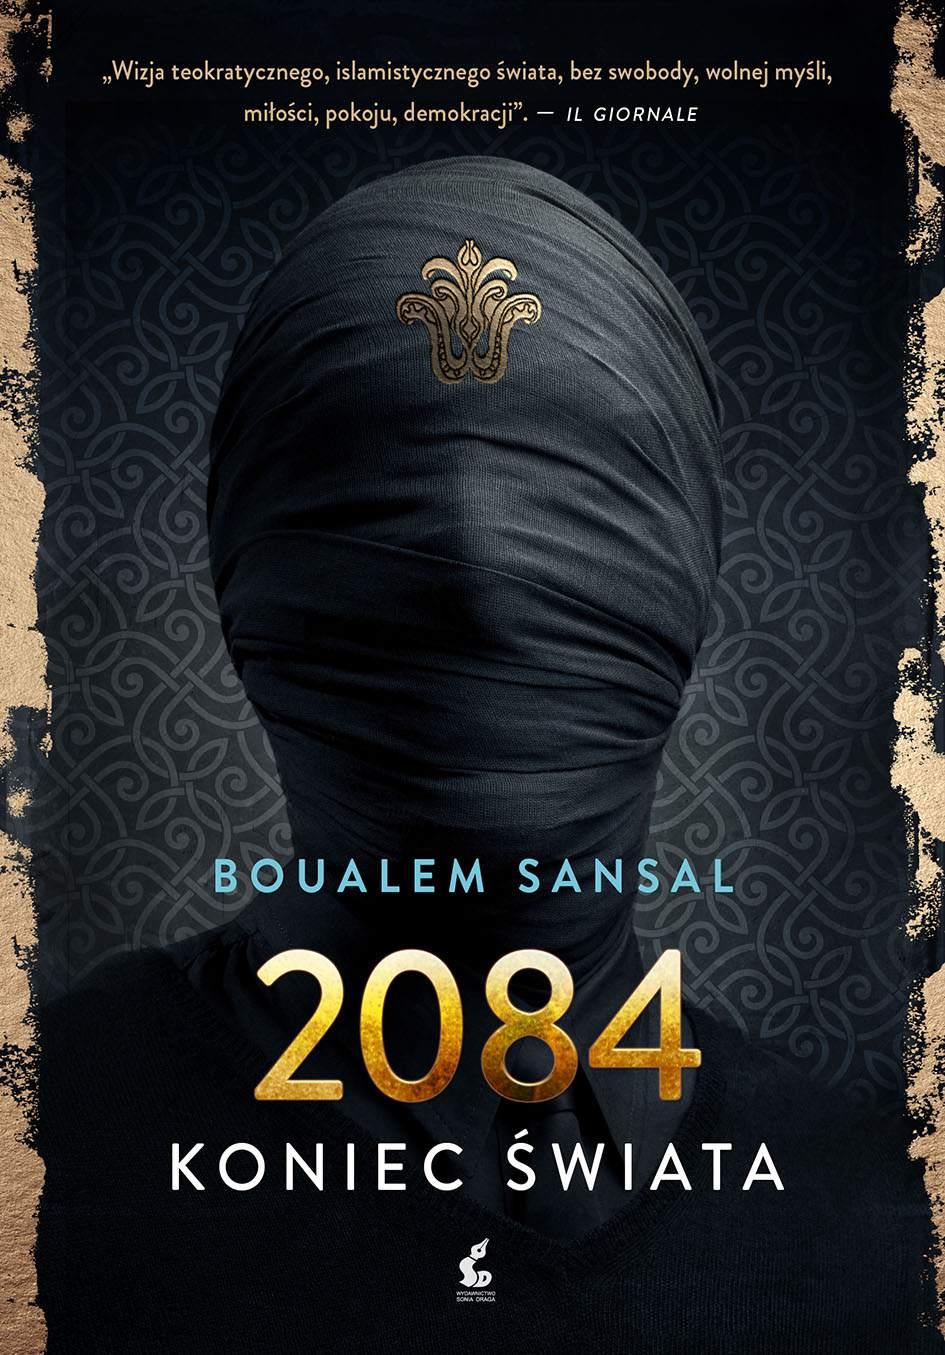 2084 koniec świata - Ebook (Książka EPUB) do pobrania w formacie EPUB